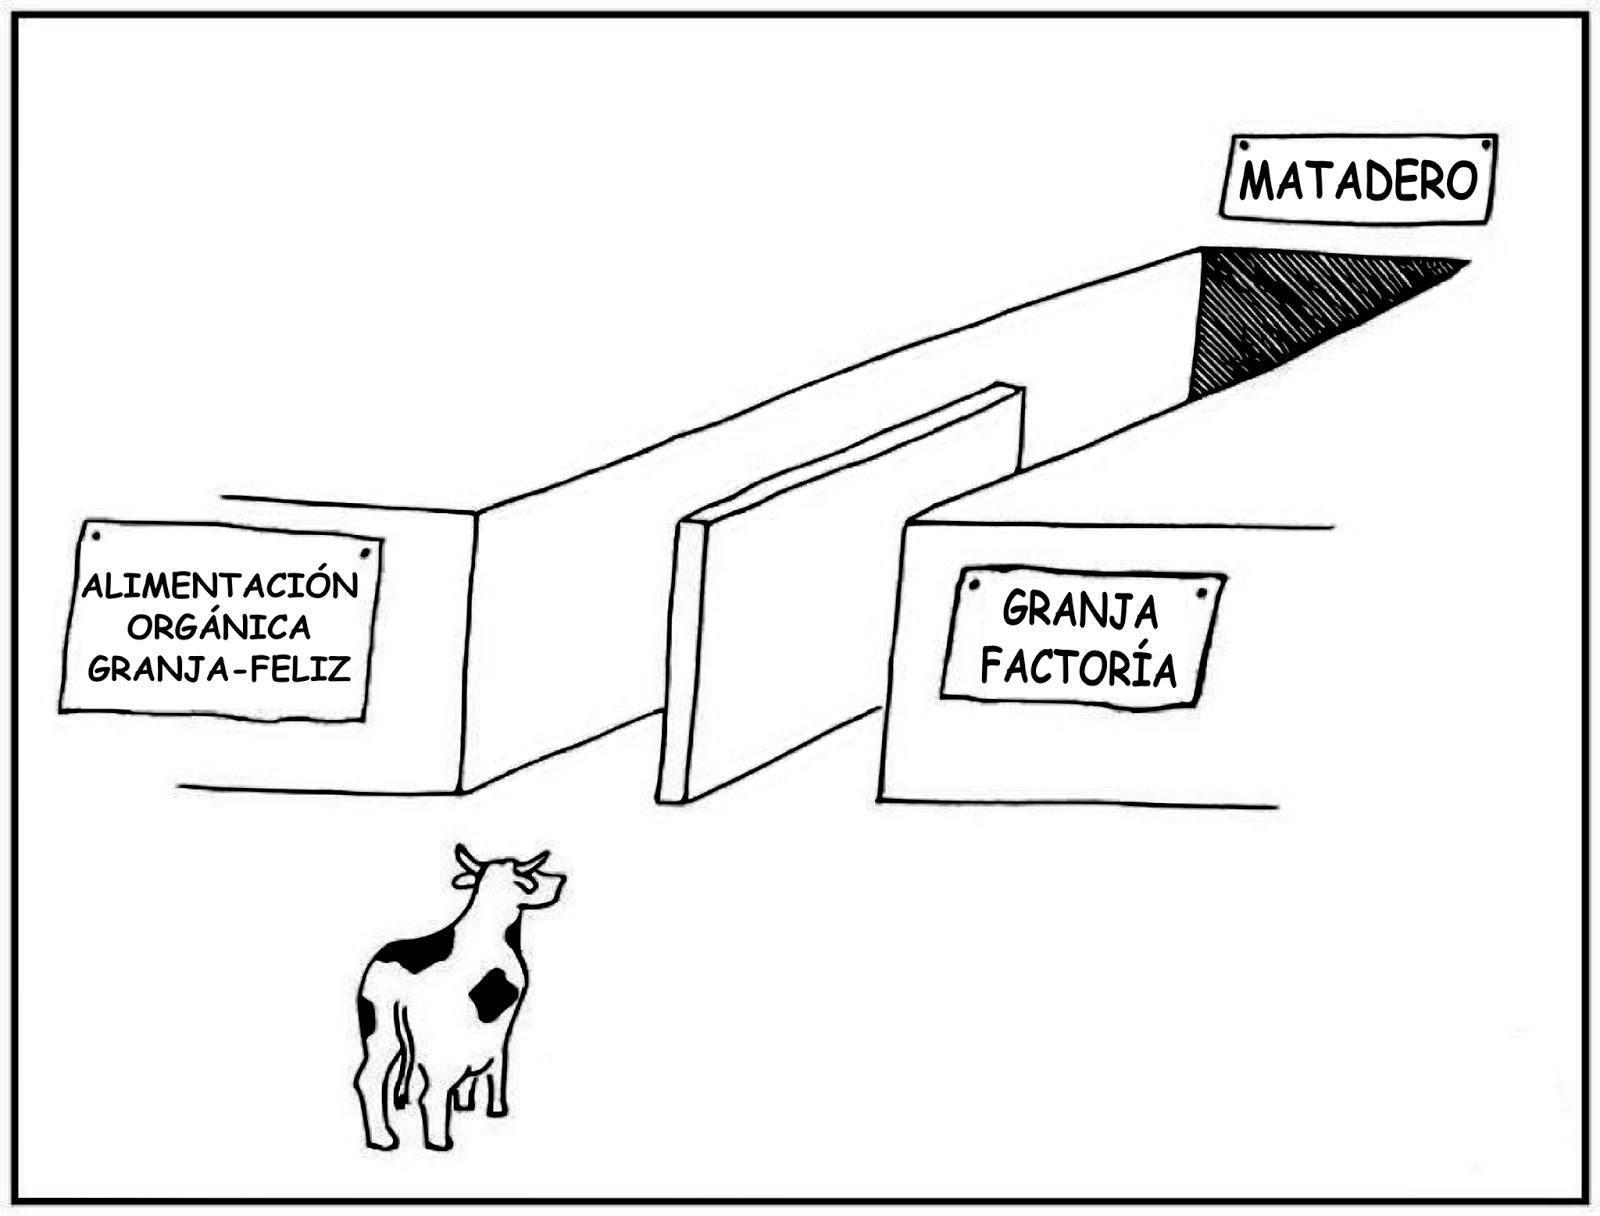 ¡Derechos Animales ya! - La mentira del bienestar animal - Las organizaciones animalistas promueven la carne ecológica